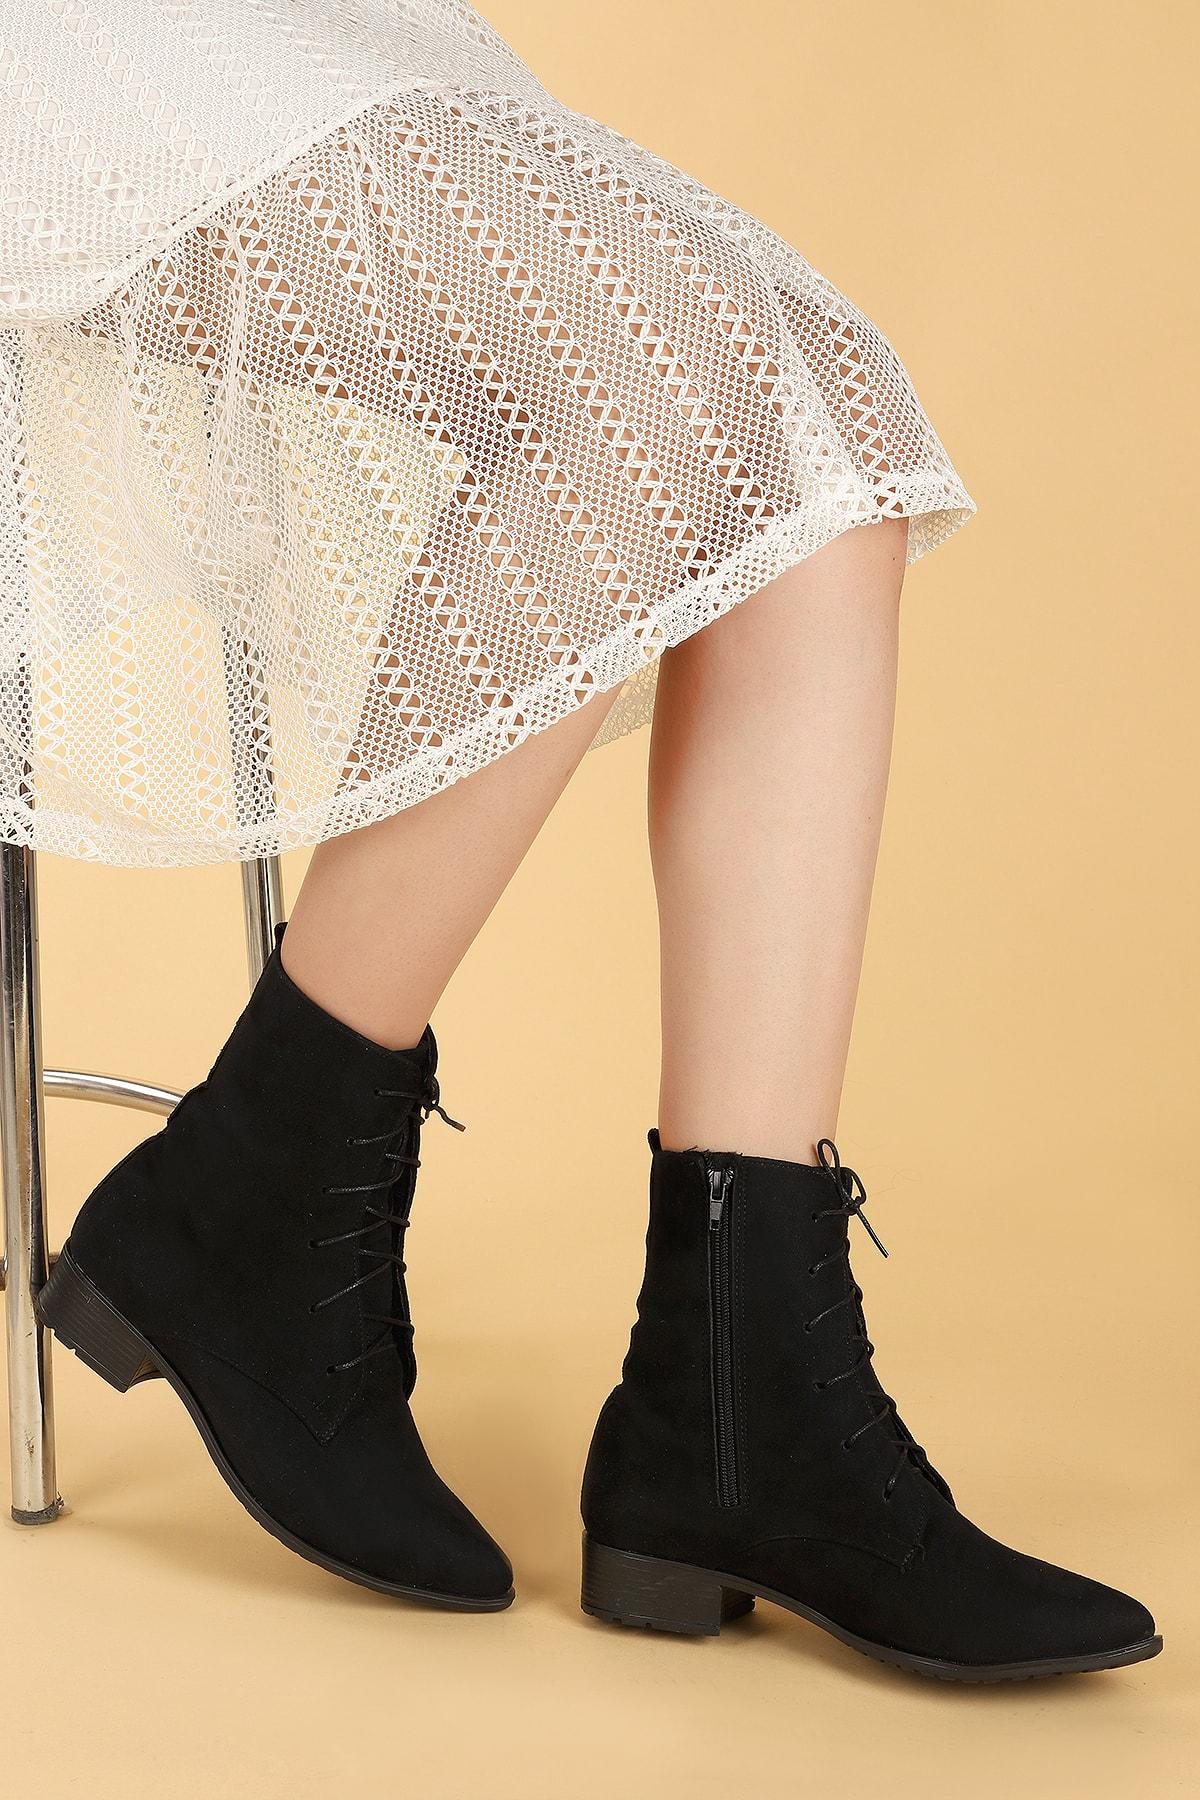 Ayakland Kadın Siyah Süet Bağcıklı Termo Taban Bot Ayakkabı 007-01 2